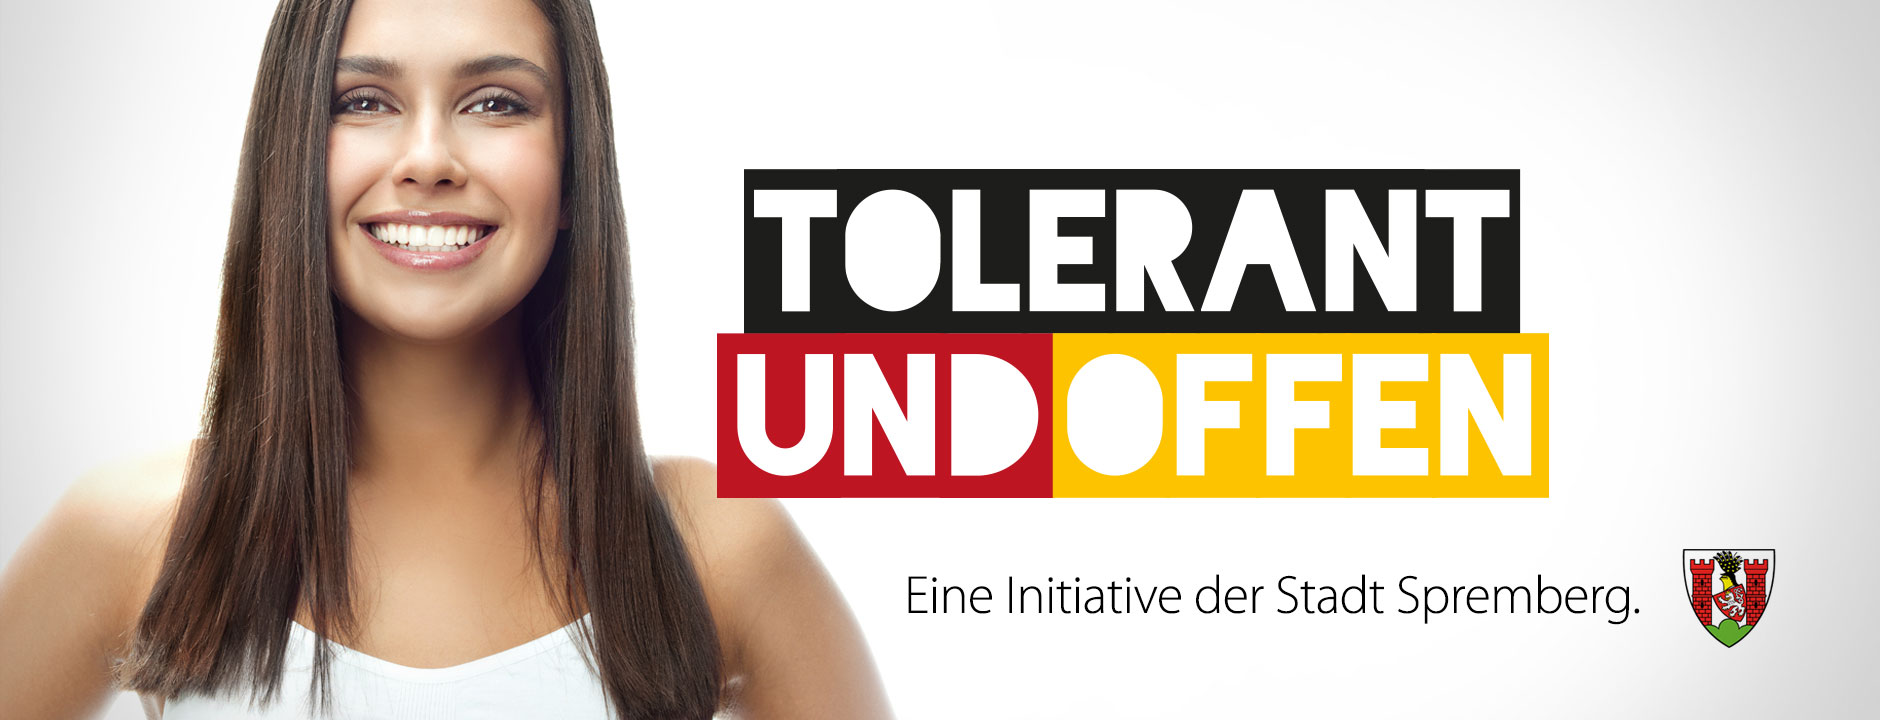 tolerant und offen - Design